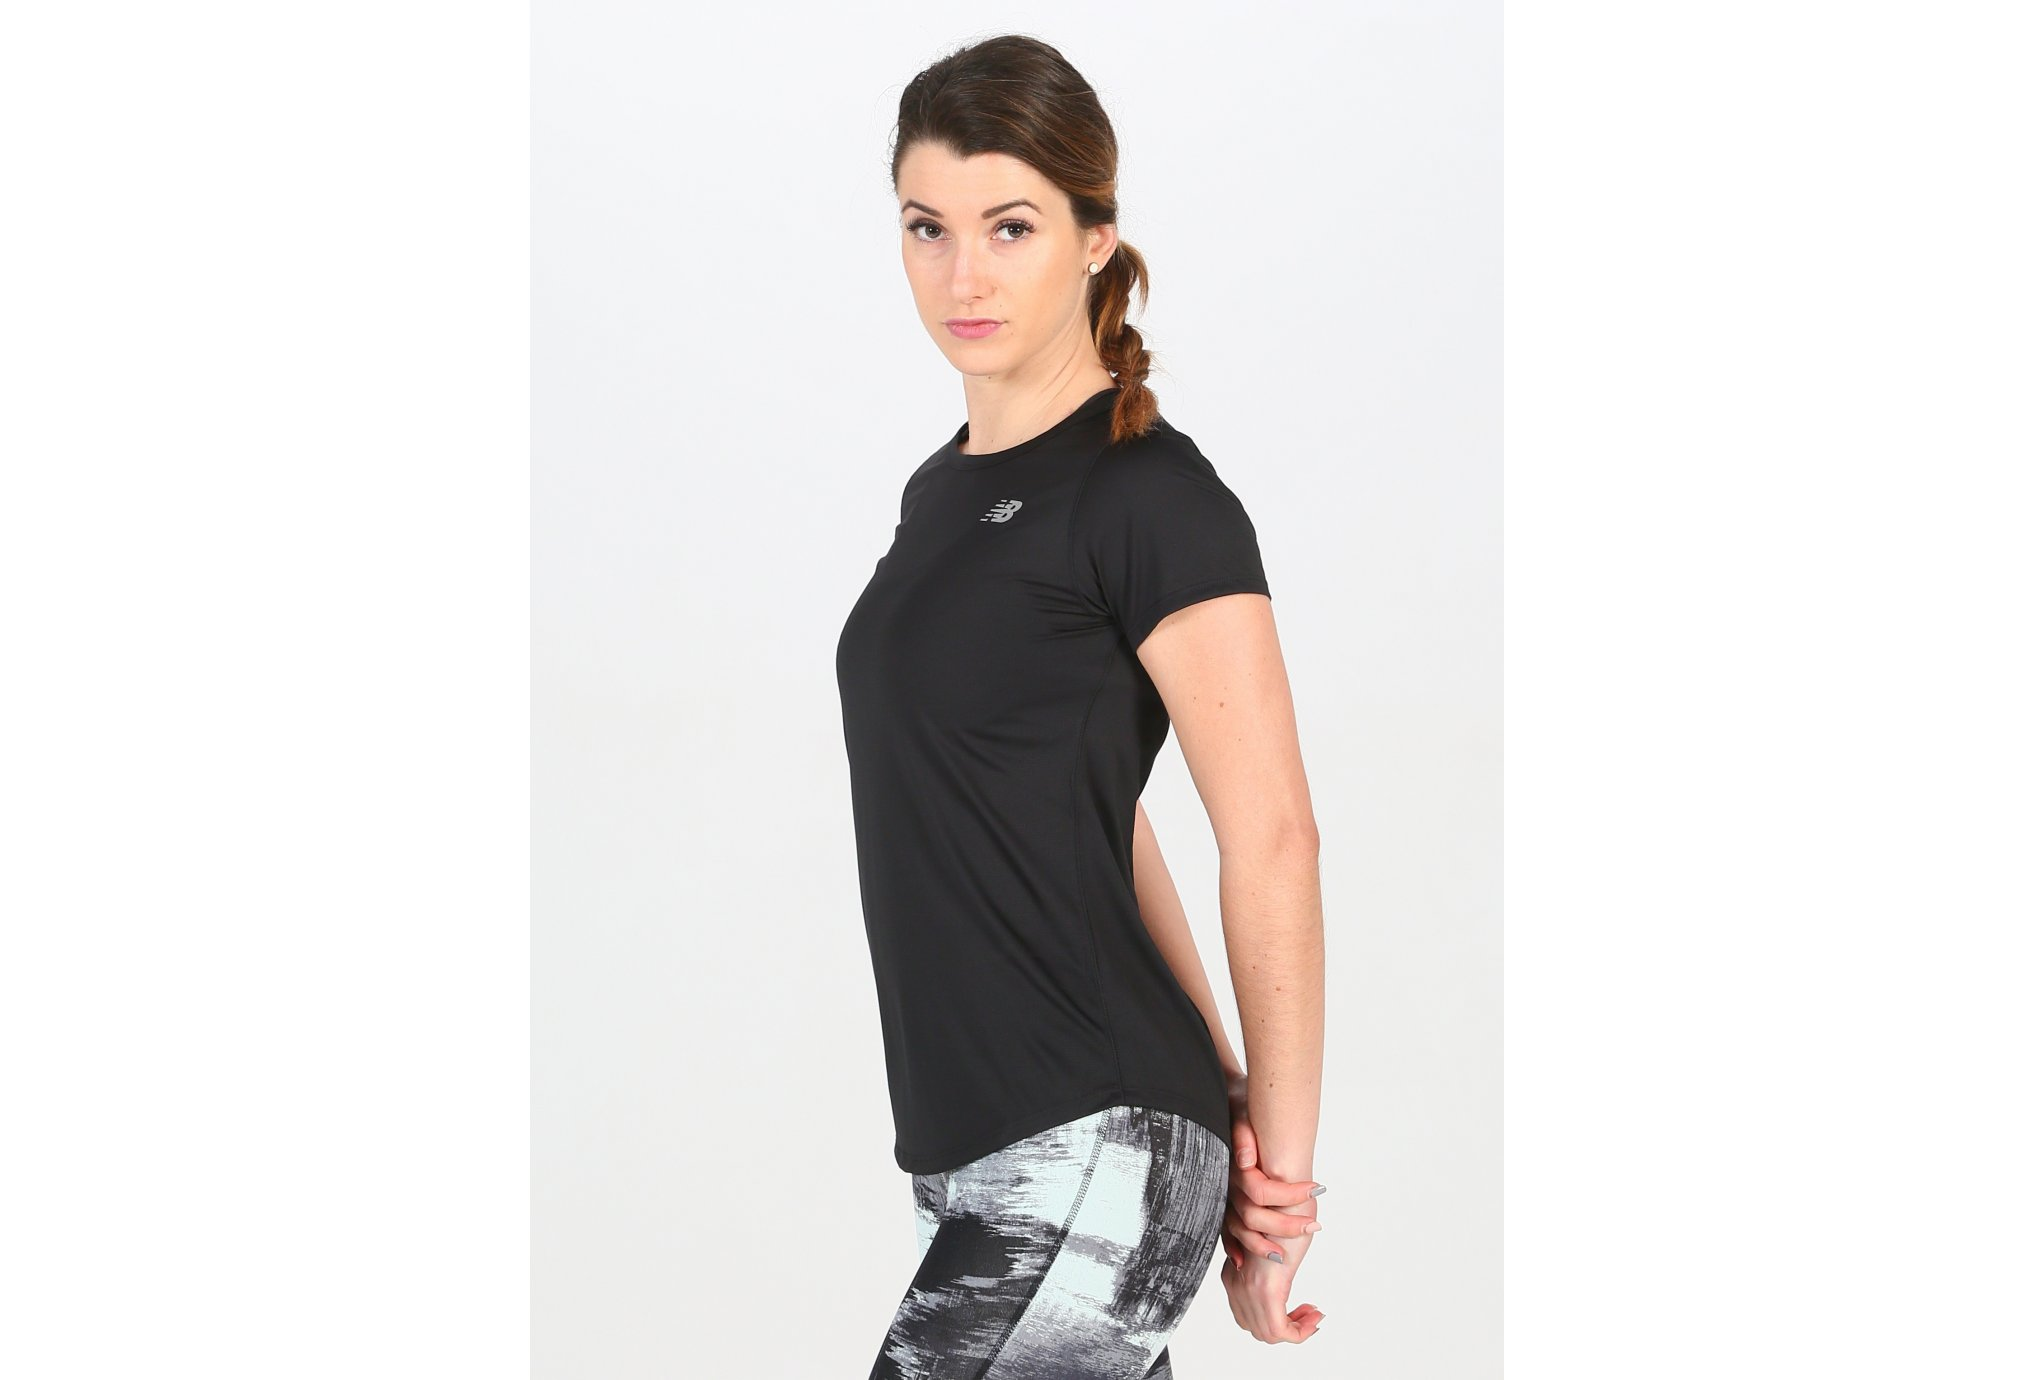 New Balance Accelerate W Diététique Vêtements femme